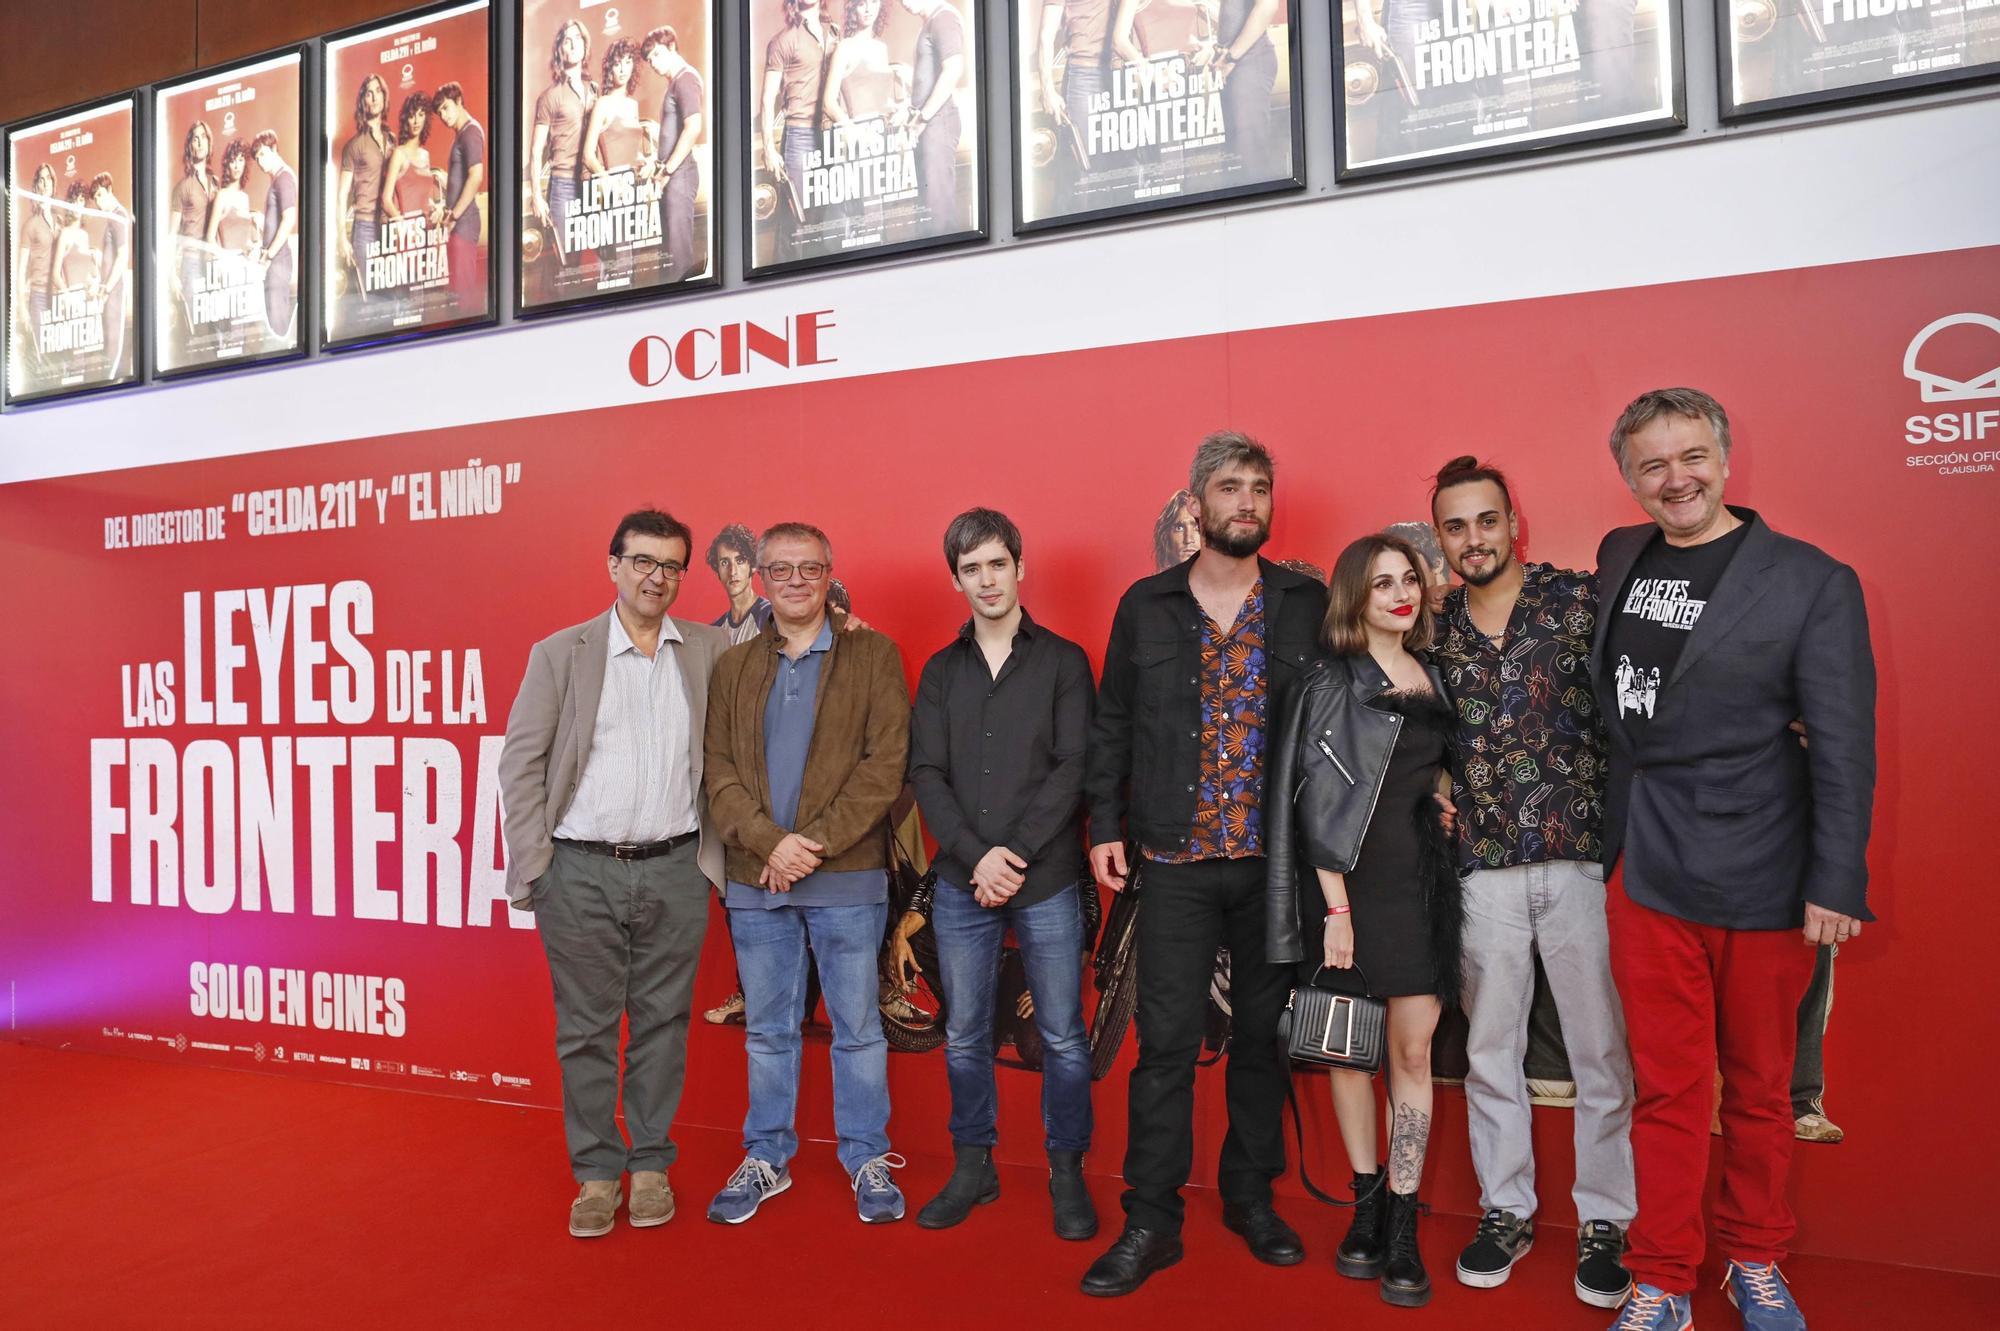 Retorn a la Girona de finals dels 70 amb 'Las leyes de la frontera'